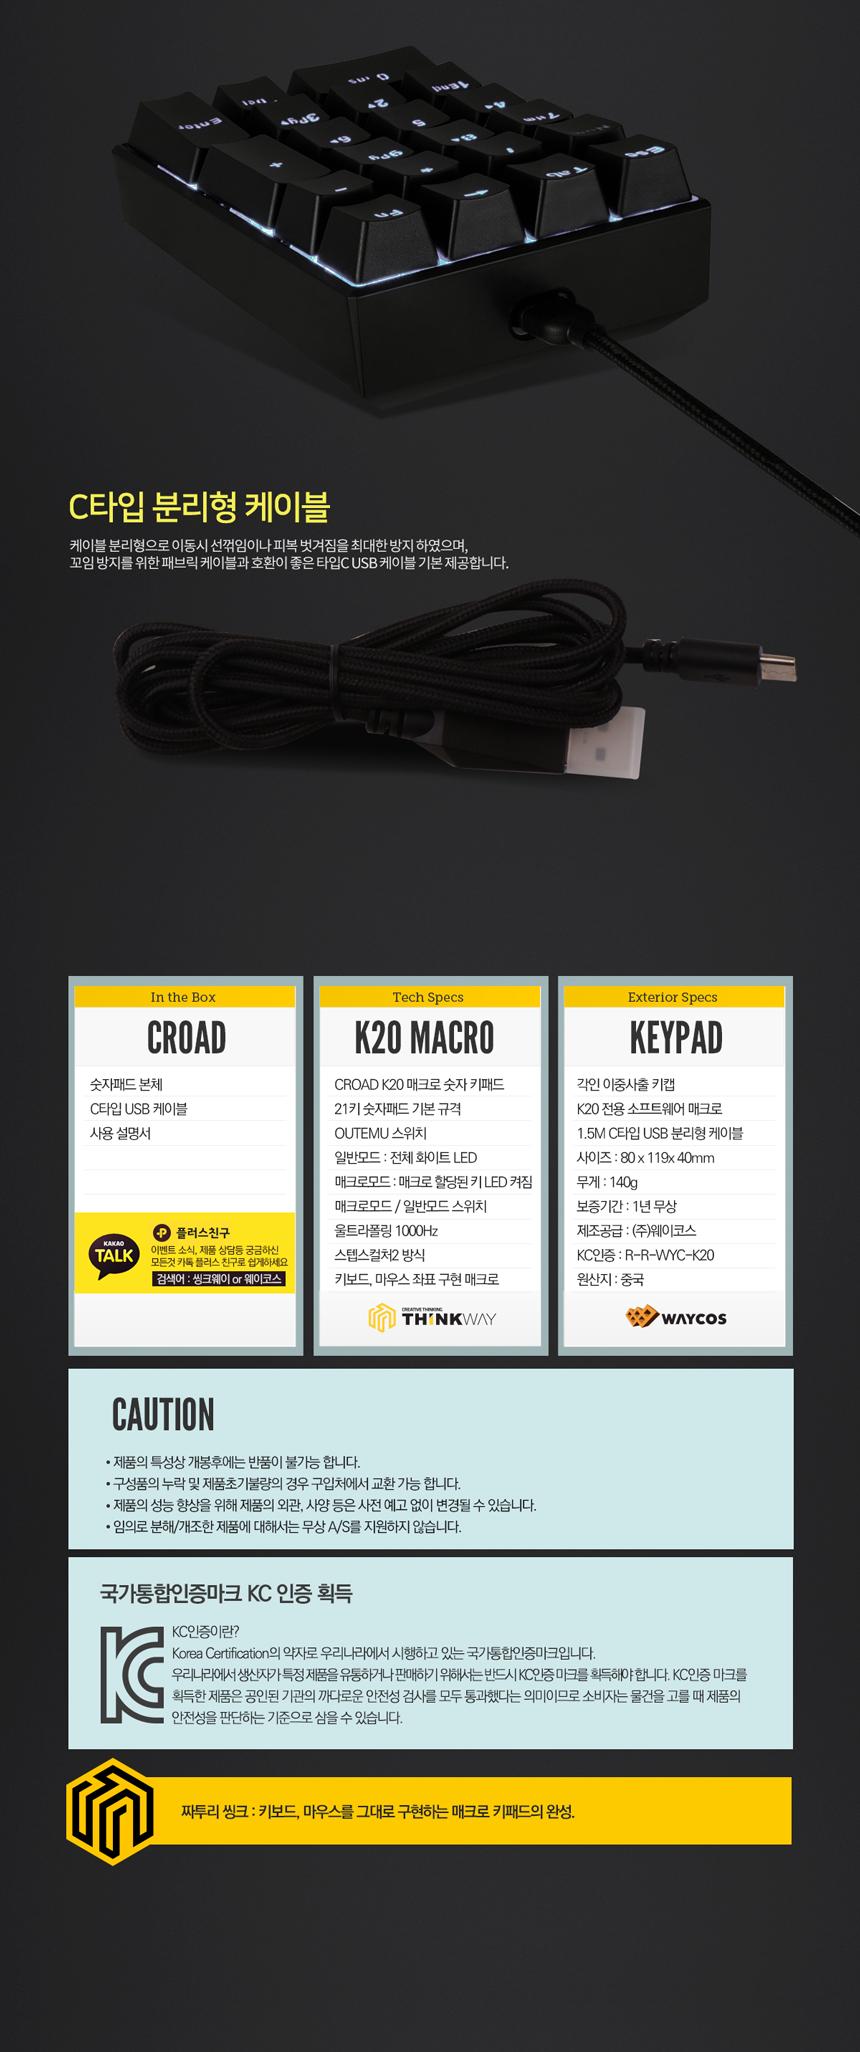 웨이코스 씽크웨이 CROAD K20 매크로 숫자 키패드 (적축)